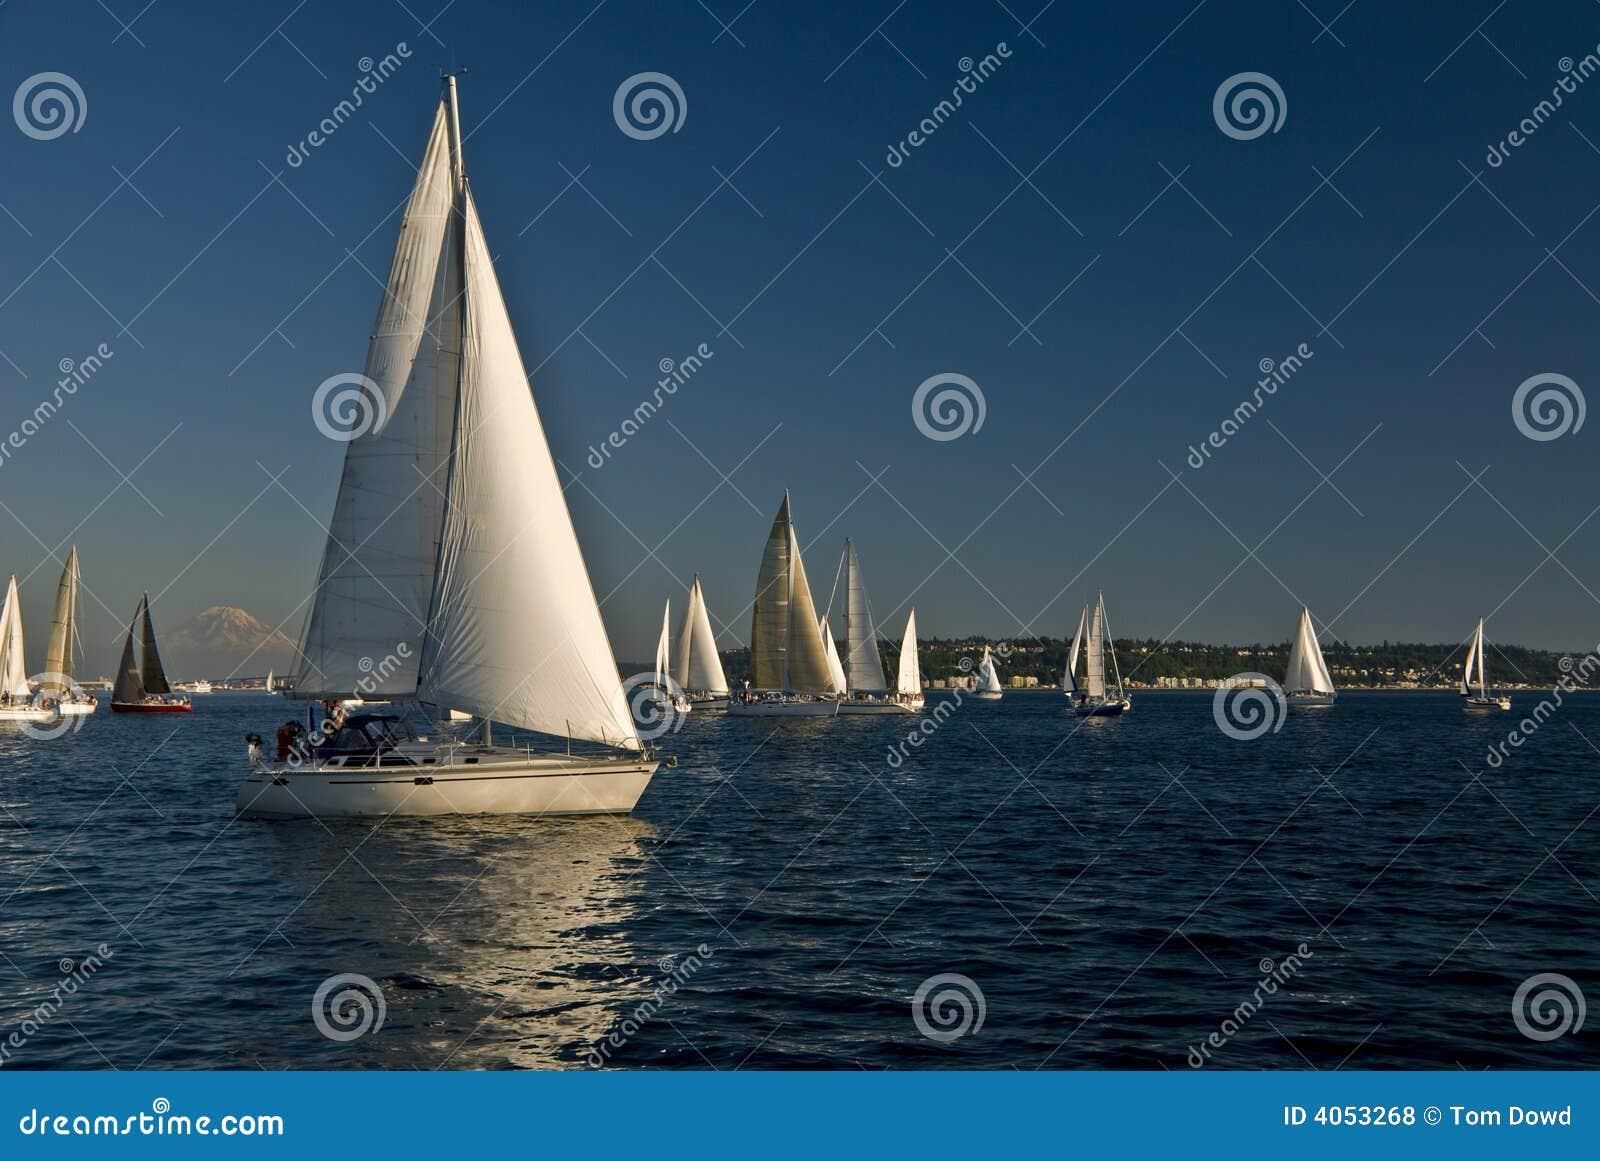 Segelboote auf Puget Sound